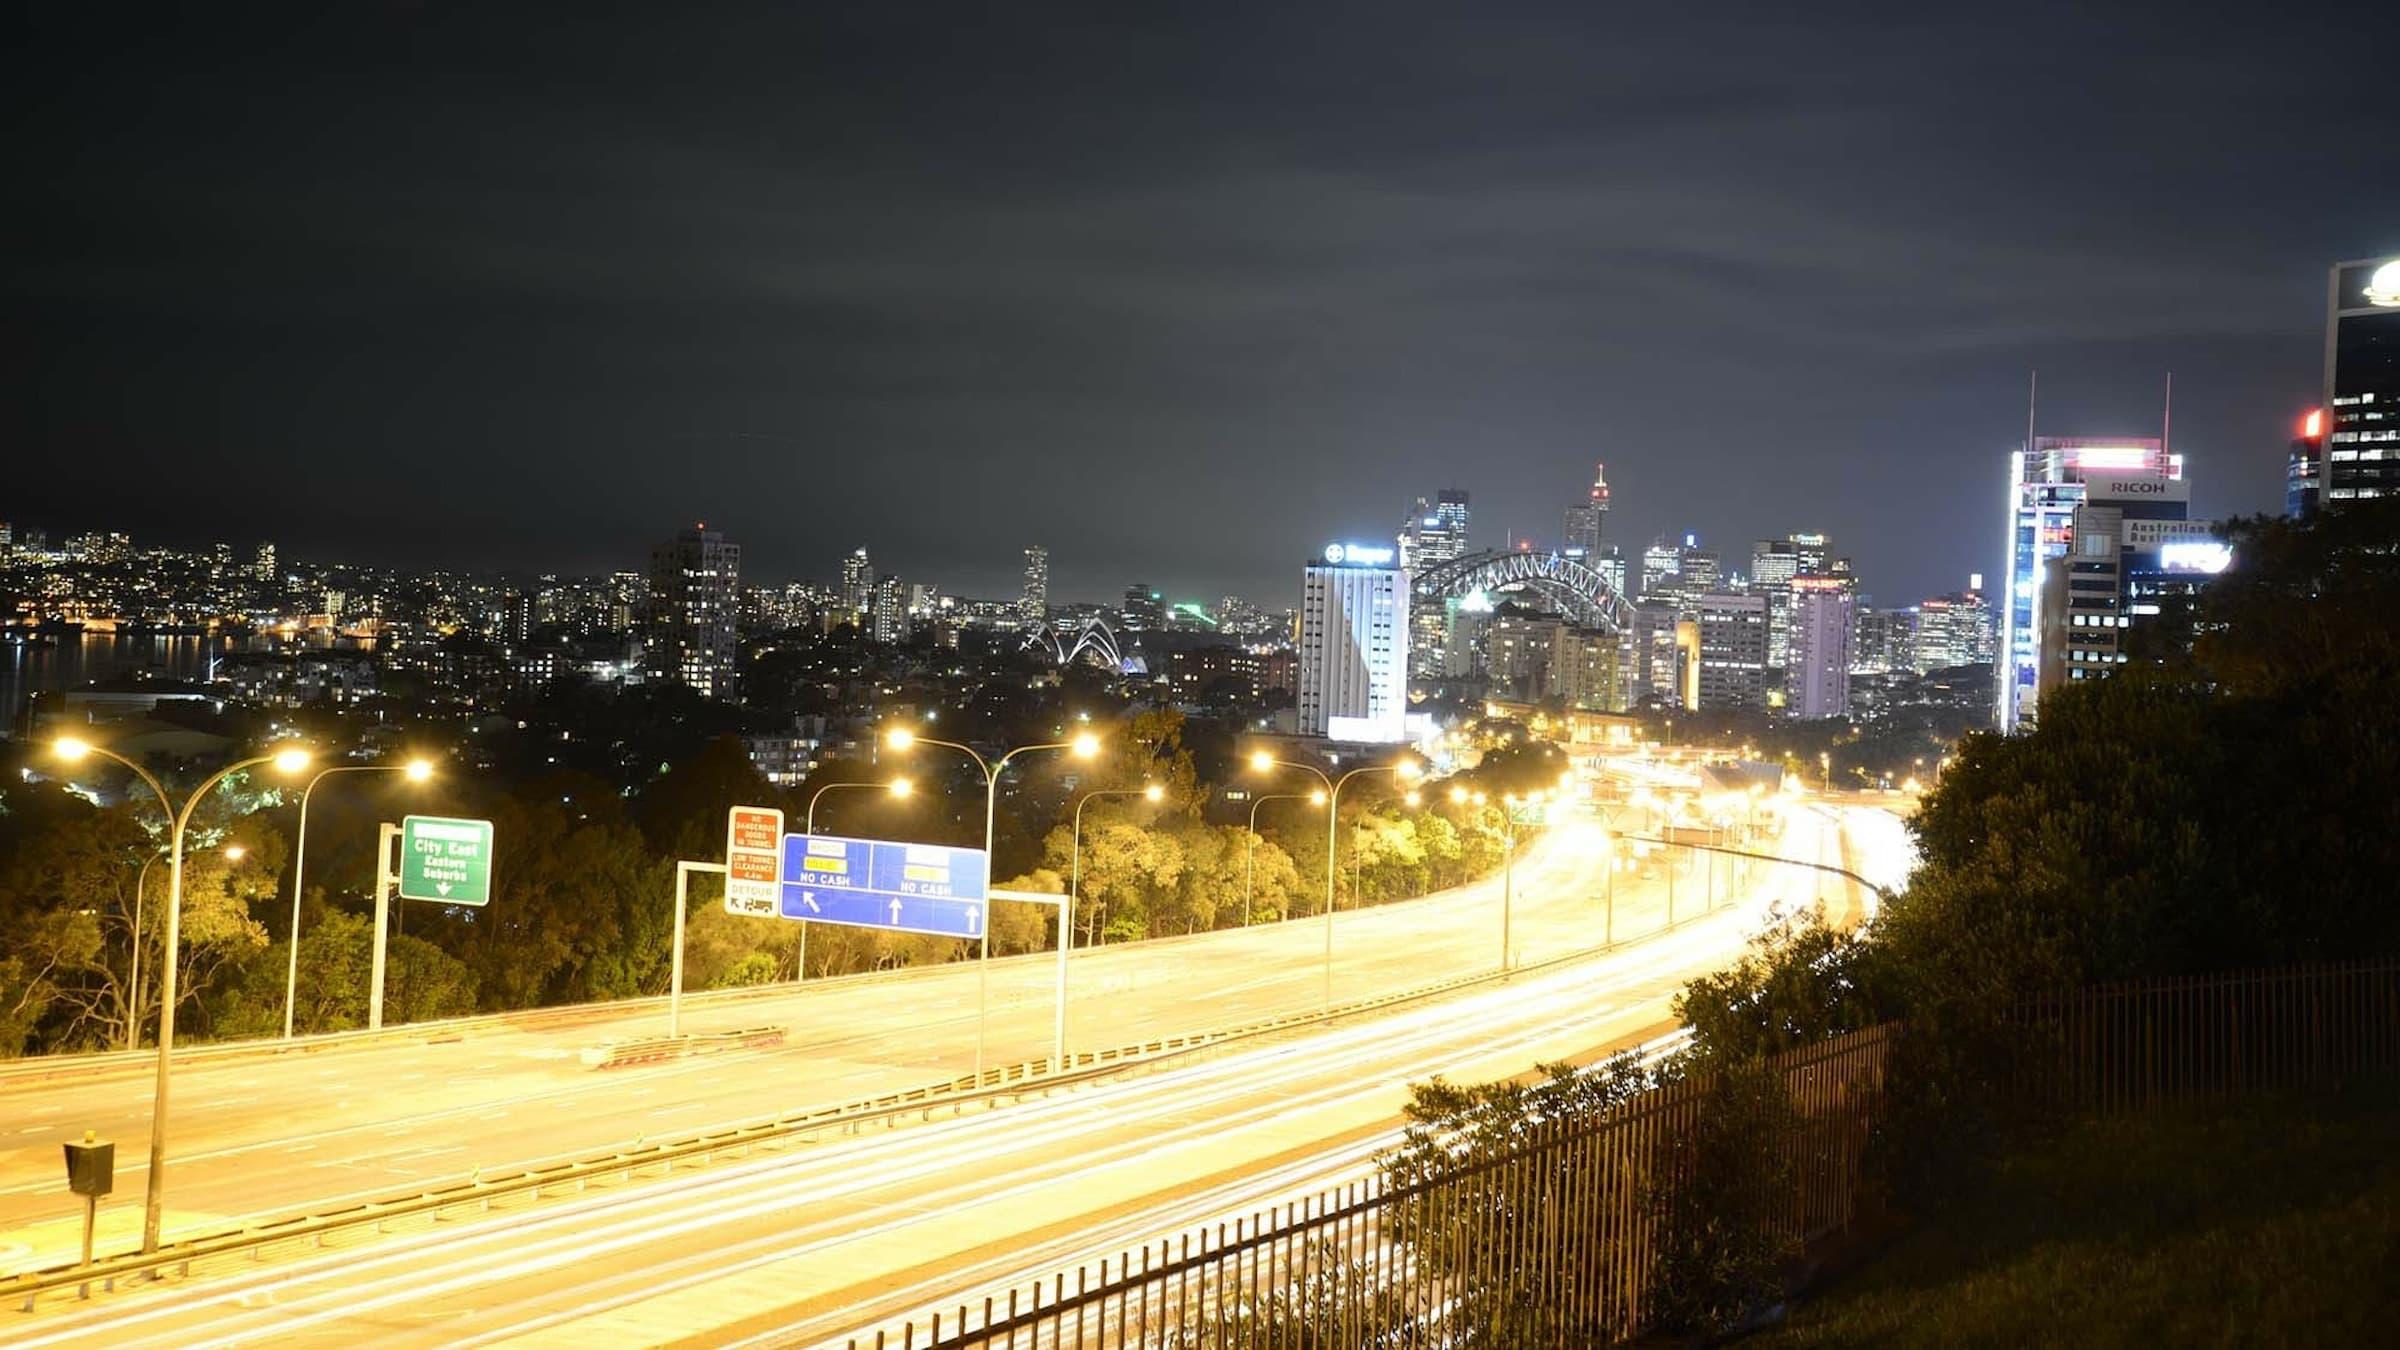 light-pollution-in-Sydney-city